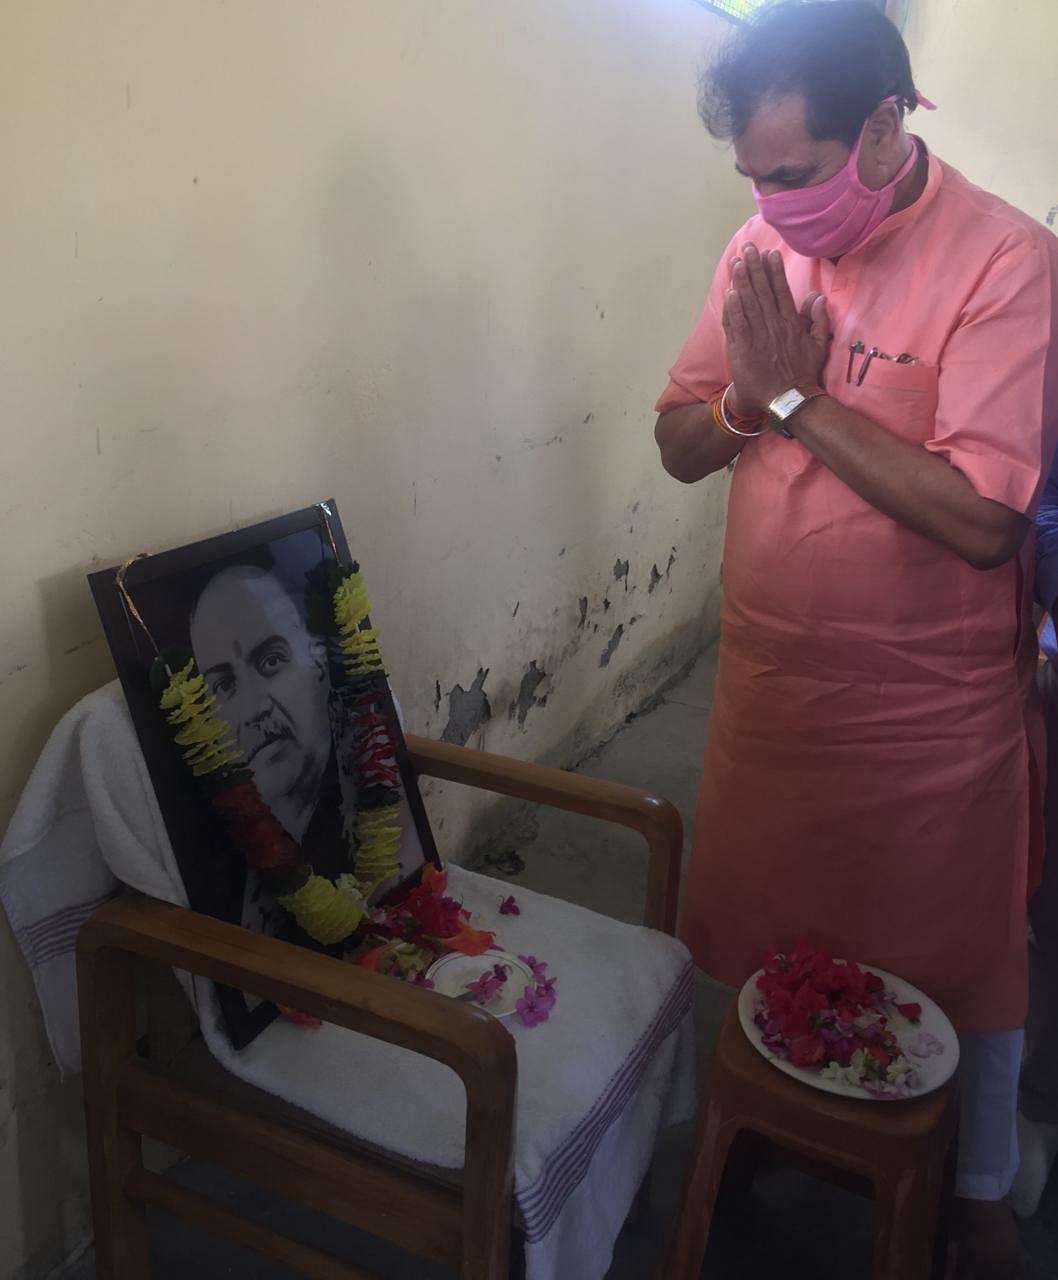 विधानसभा अध्यक्ष ने डॉ. श्यामा प्रसाद मुखर्जी को याद किया